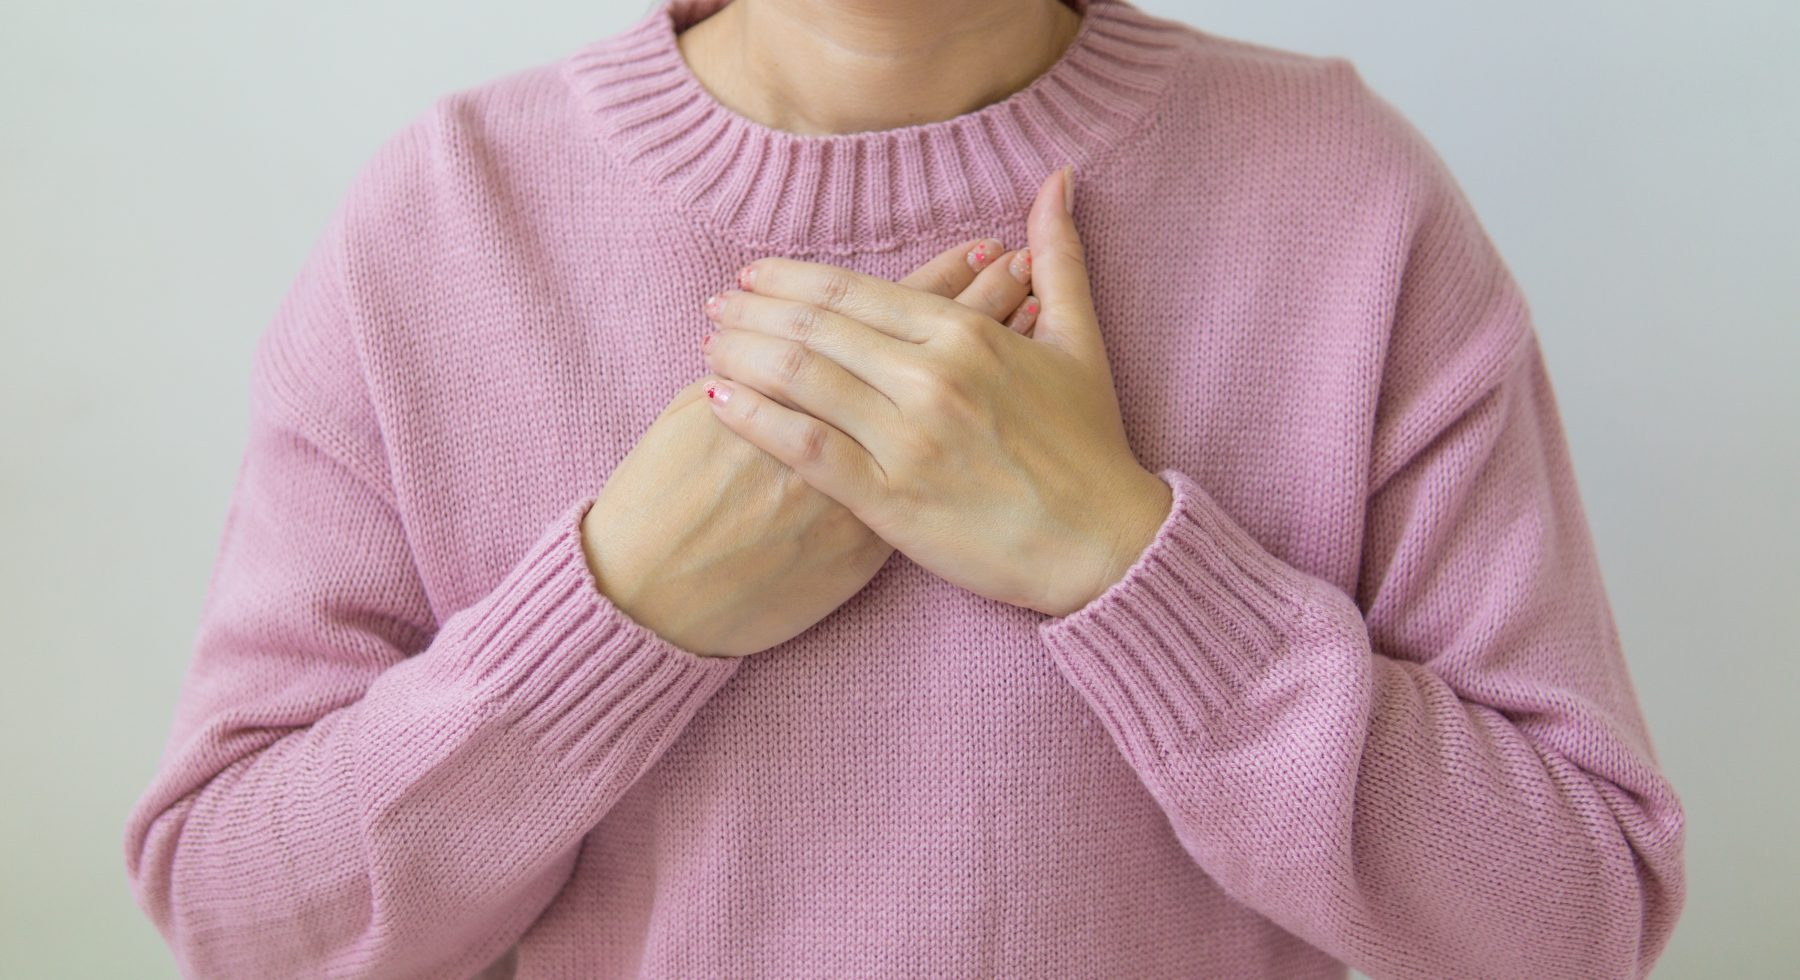 Eine Person mit den Händen auf der Brust.